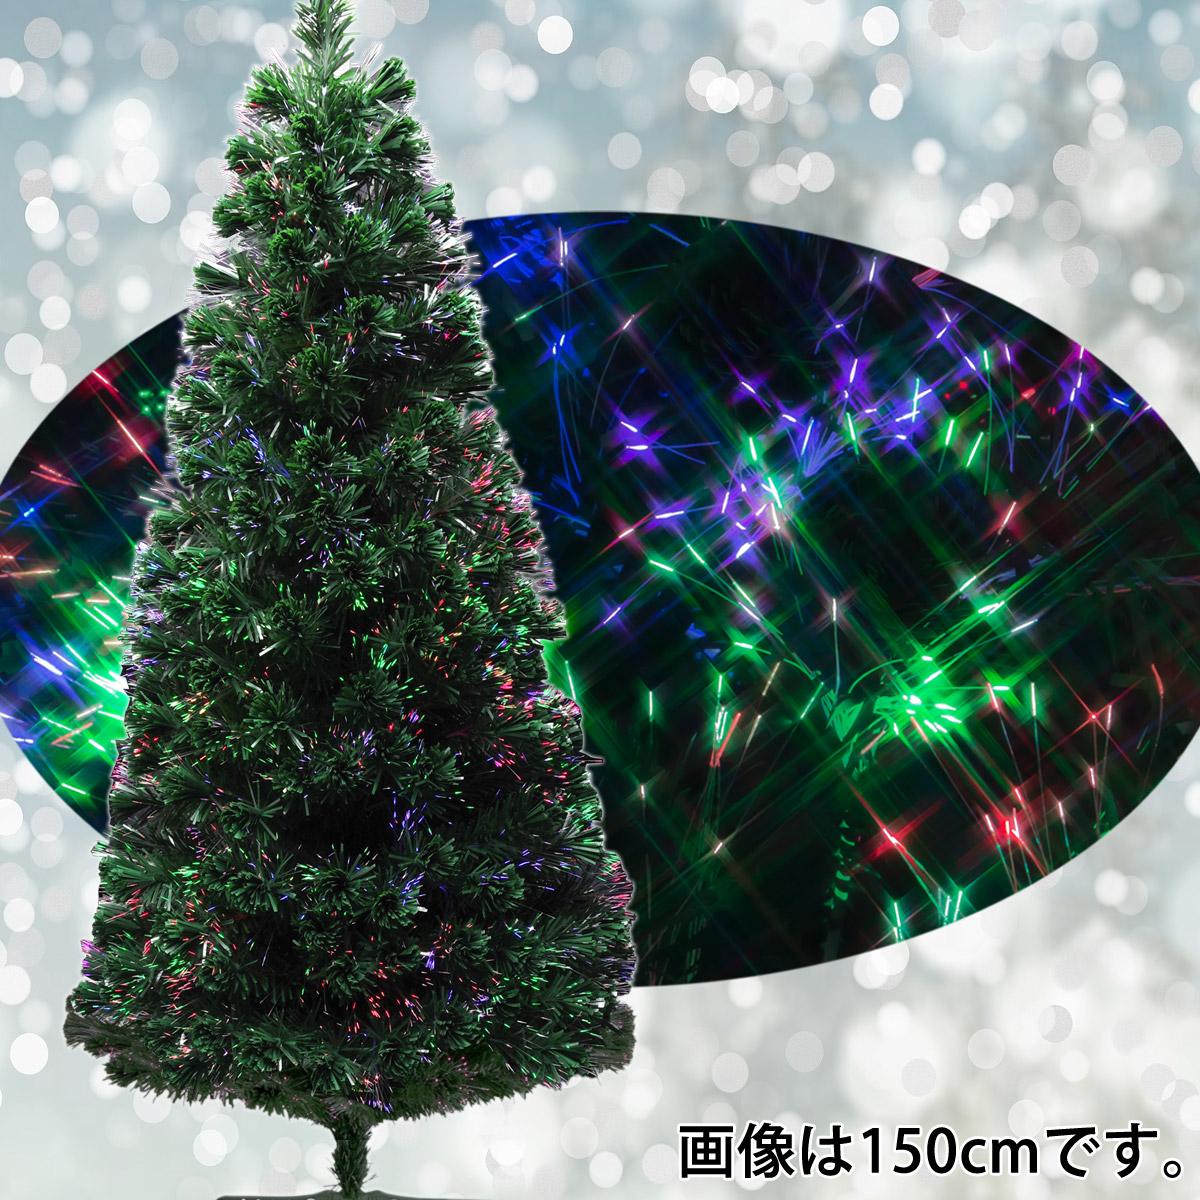 クリスマスツリー ファイバー 150cm グリーン 多分割 ACアダプター LED光源 ファイバーツリー USBアダプター付き 北欧 おしゃれ 【10月下旬入荷予定】